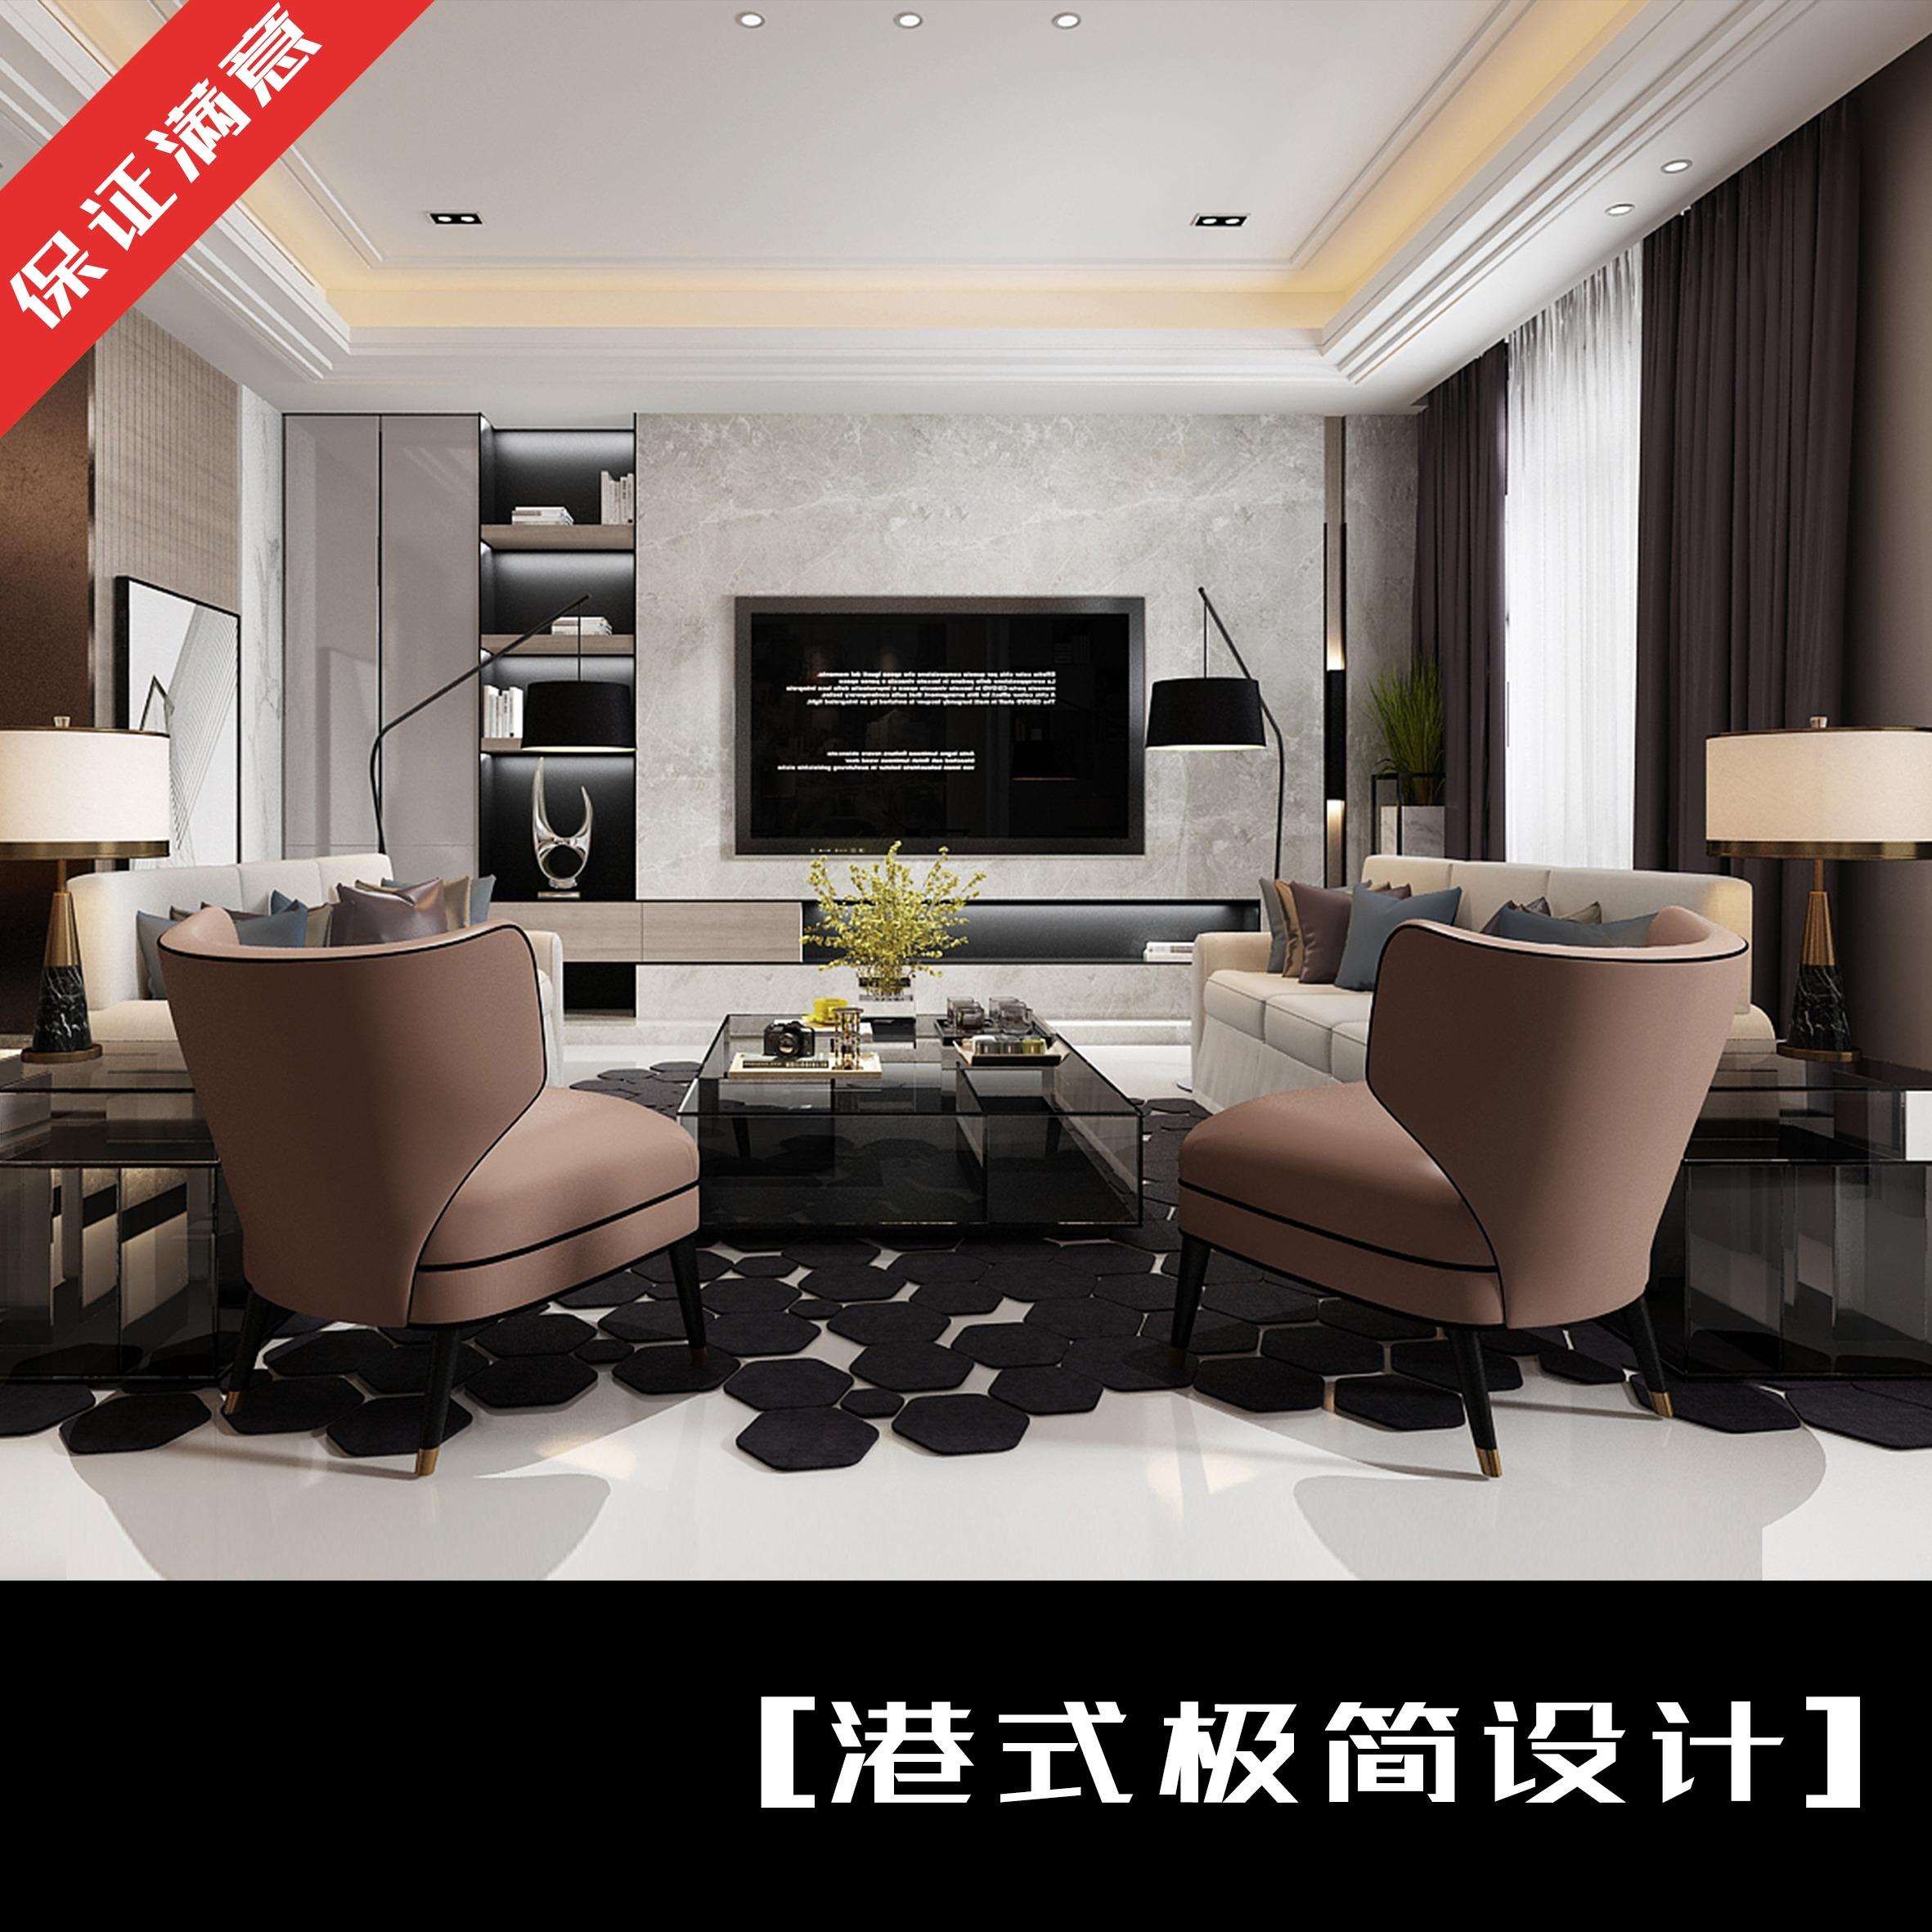 现代港式极简简约家装设计家装新房设计室内装修效果图设计